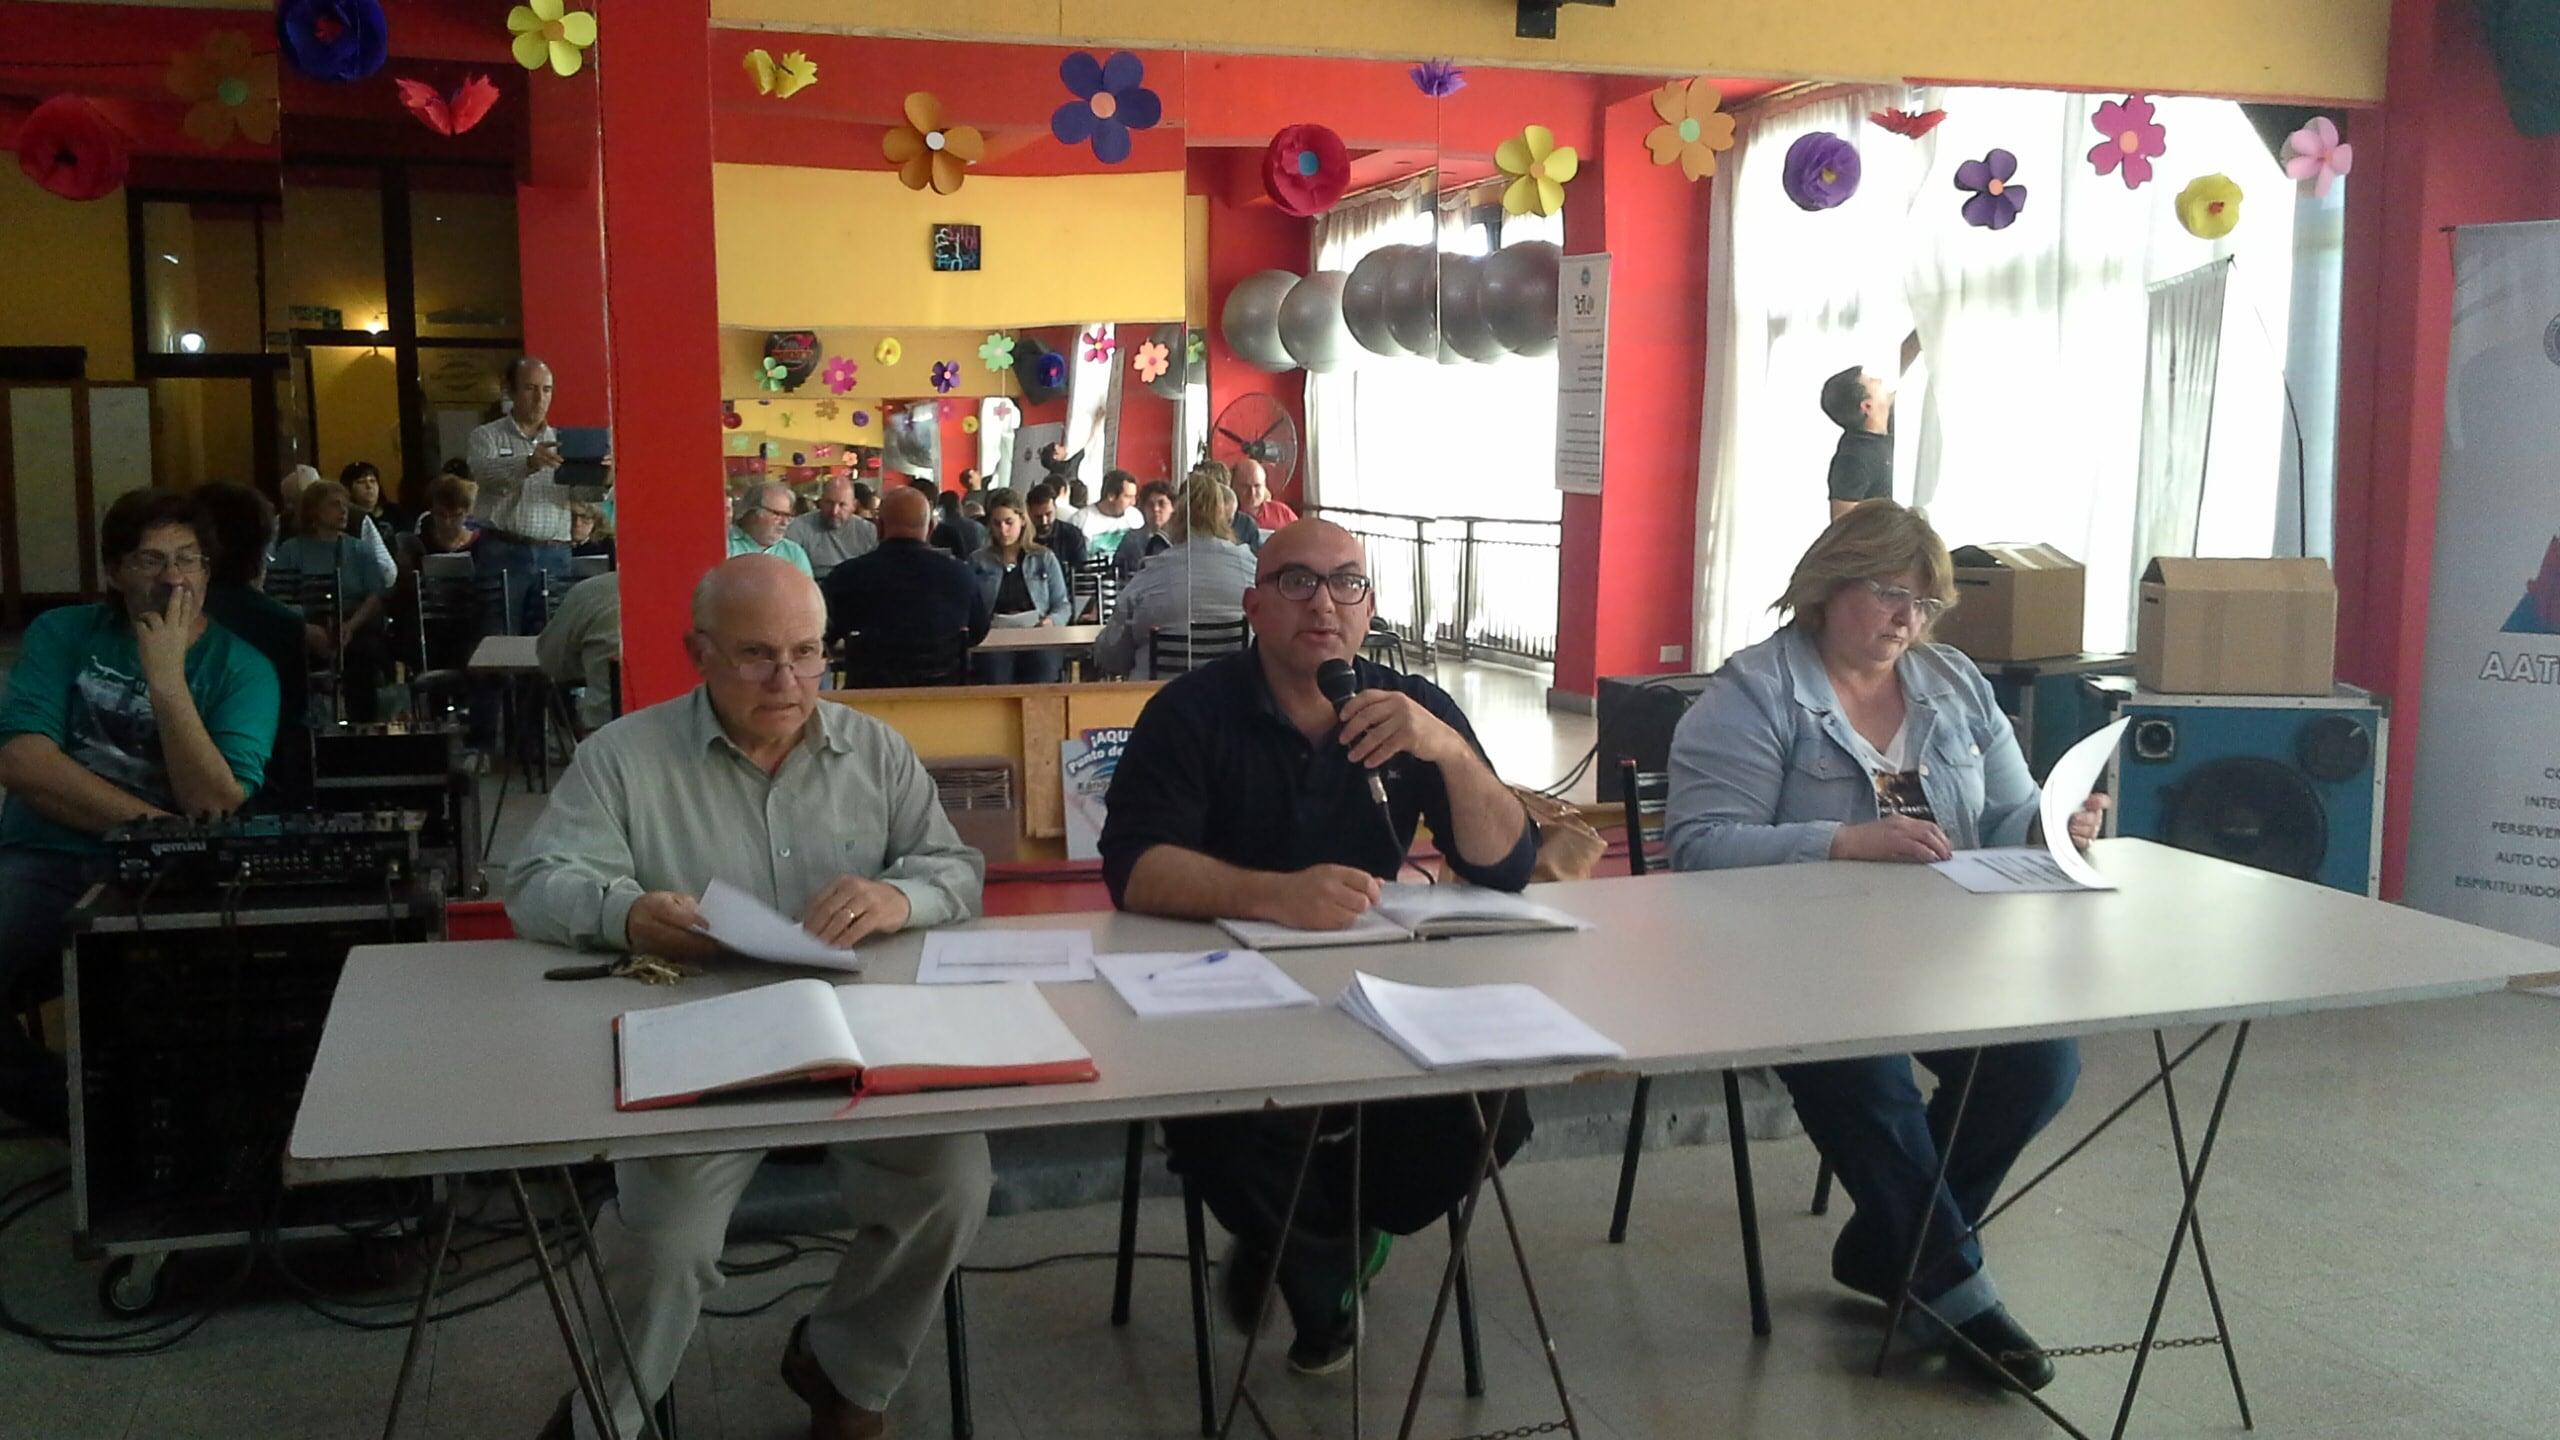 Pablo Sperdutti acompañado por William Martinelli y Laura Accifonte